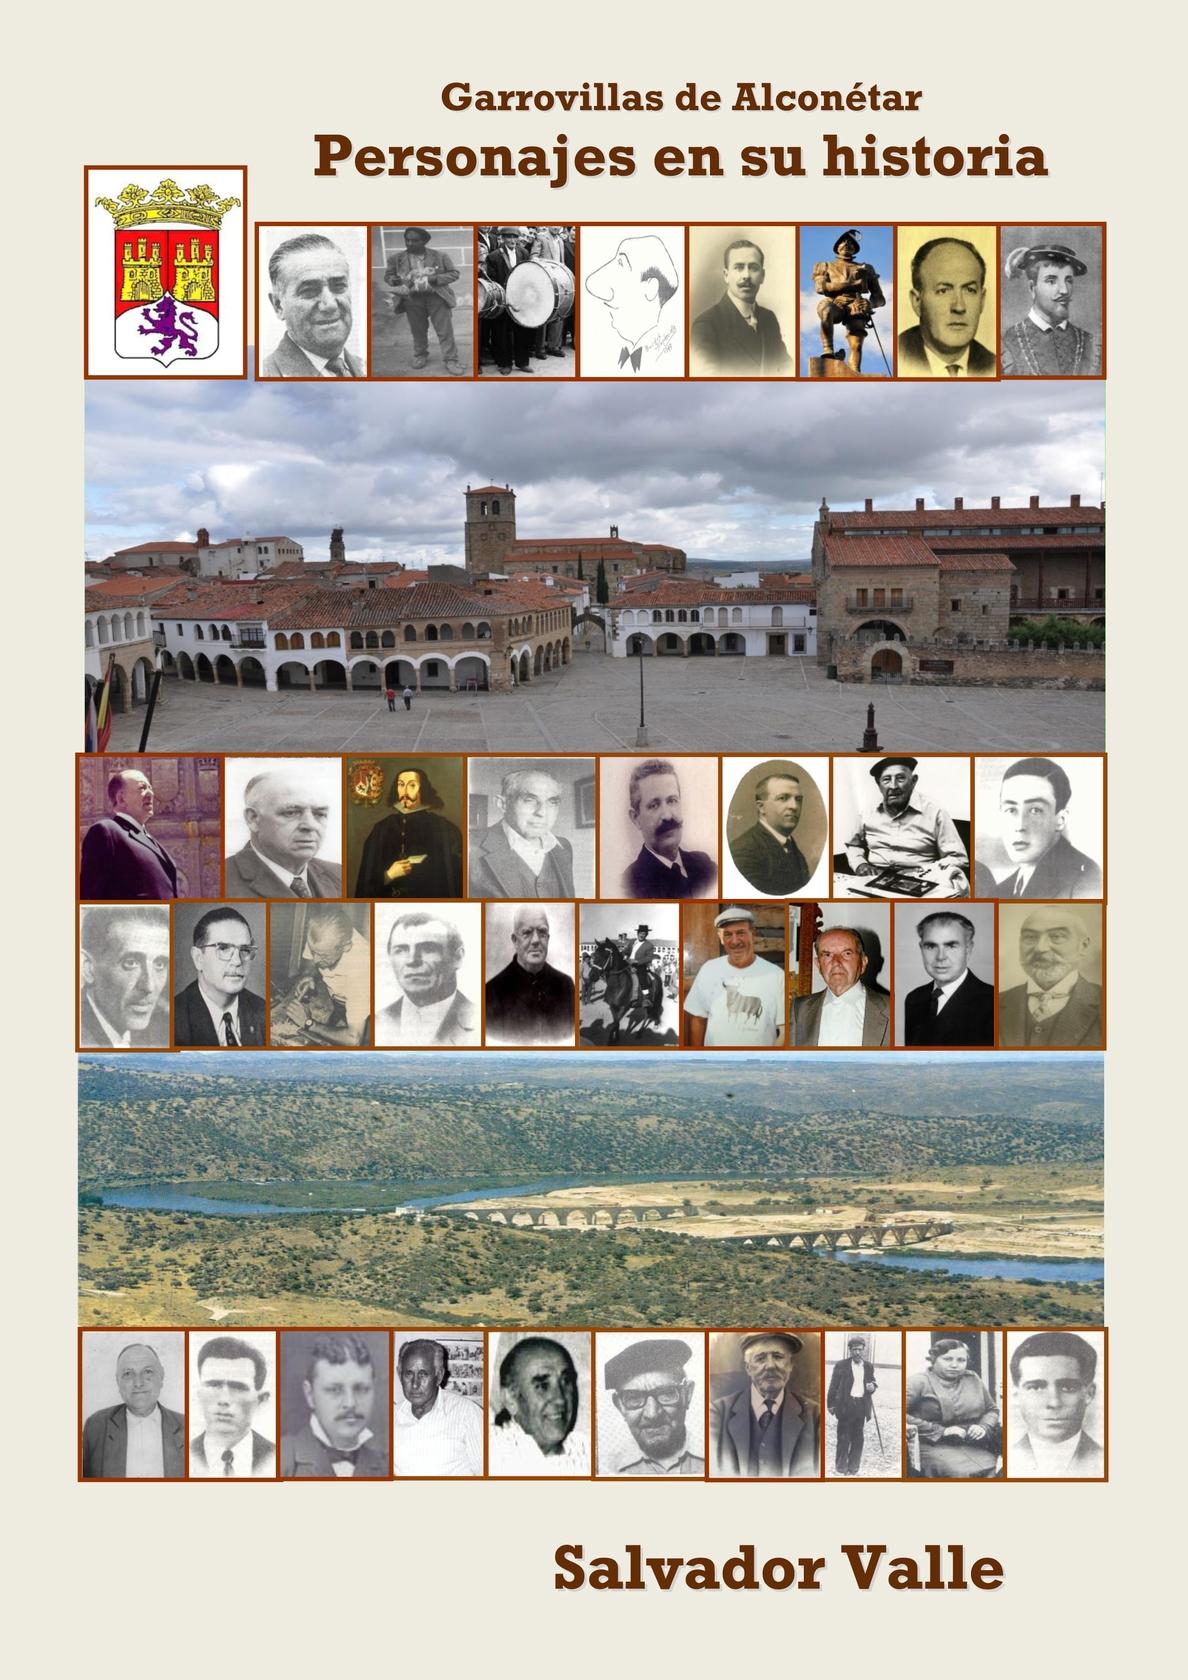 Un diccionario biográfico recoge la vida de 200 personajes históricos de Garrovillas de Alconétar (Cáceres)